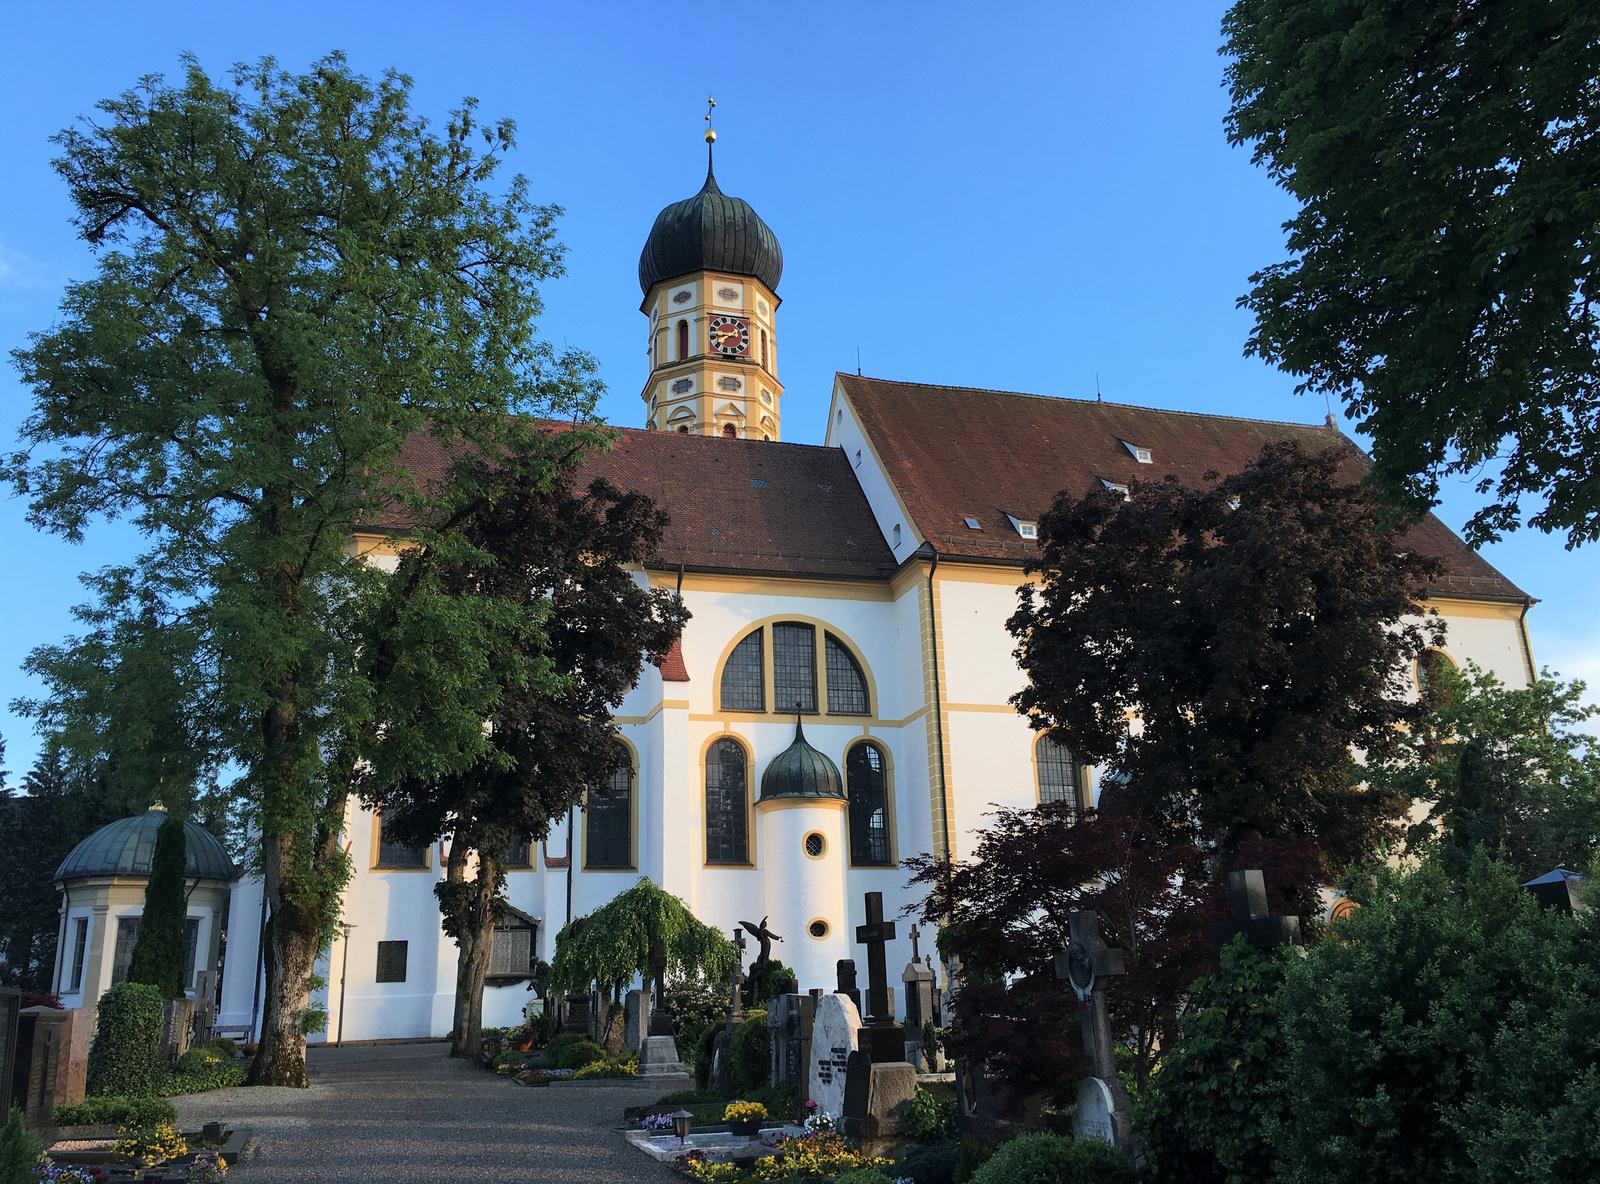 Szent Márton templom, Marktoberdorf